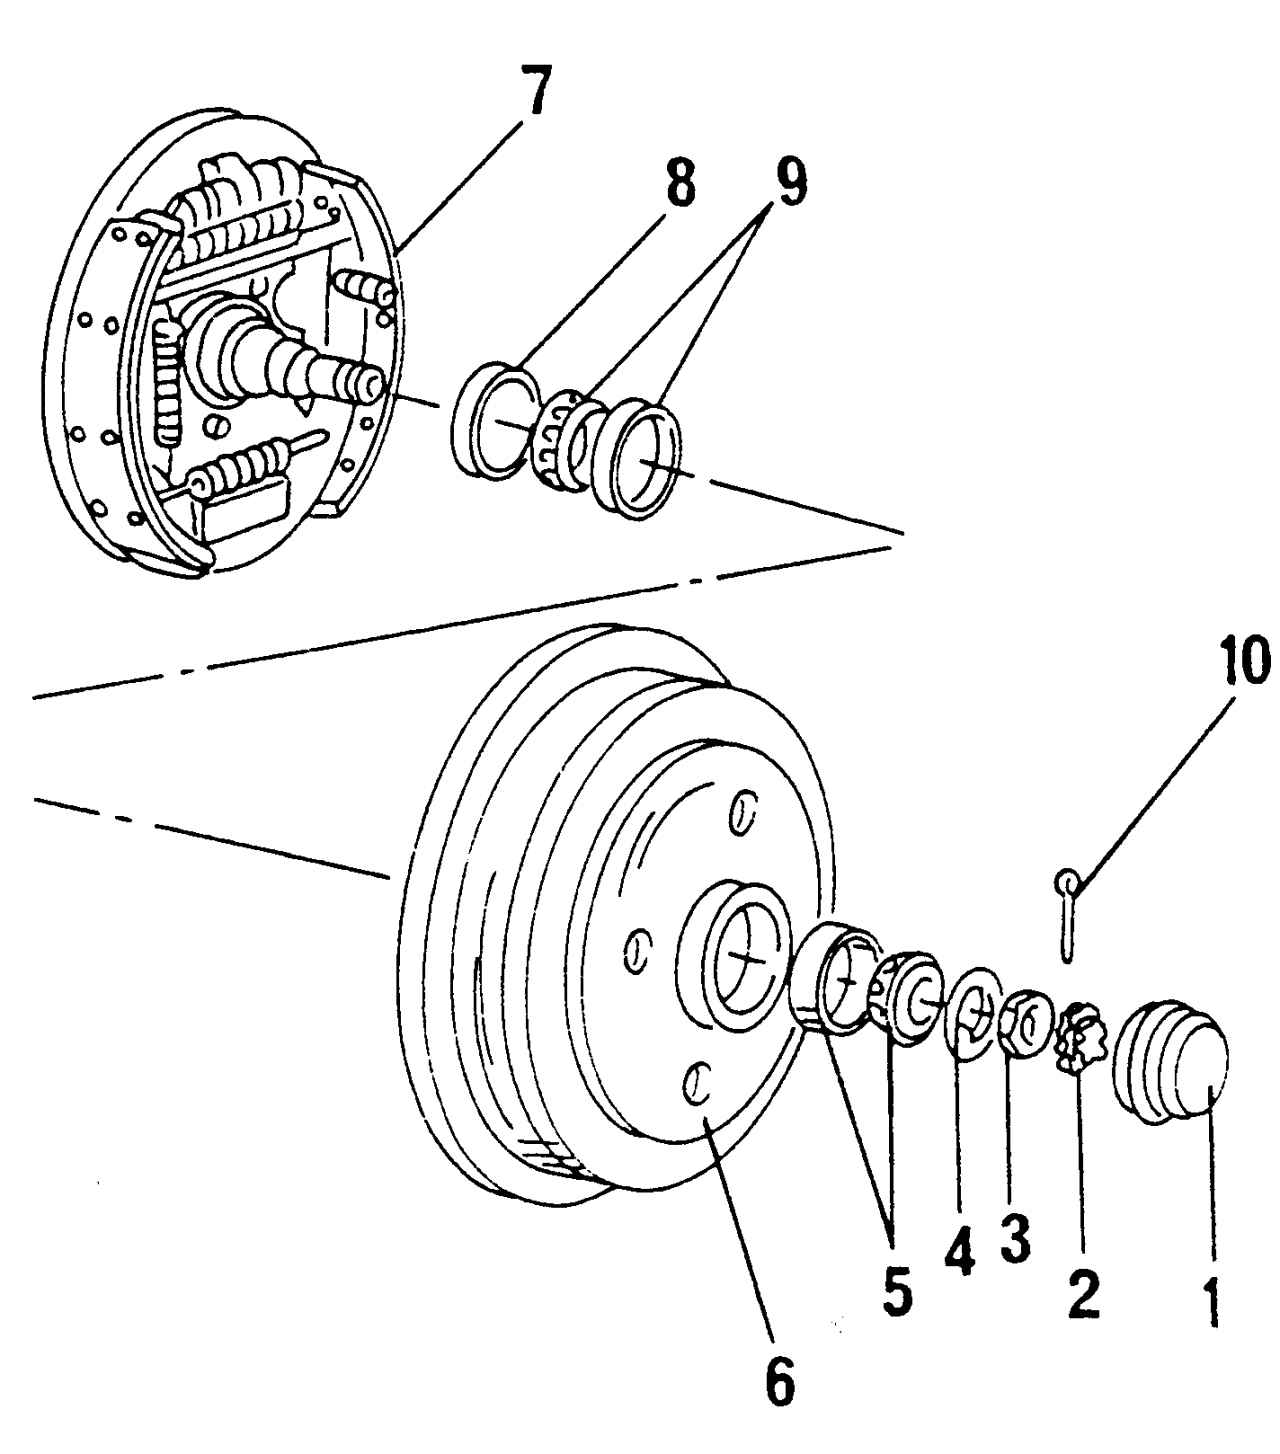 Детали ступицы колеса: 1 - крышка ступицы; 2 - стопор гайки; 3 - шестигранная гайка; 4 - регулировочная шайба; 5...